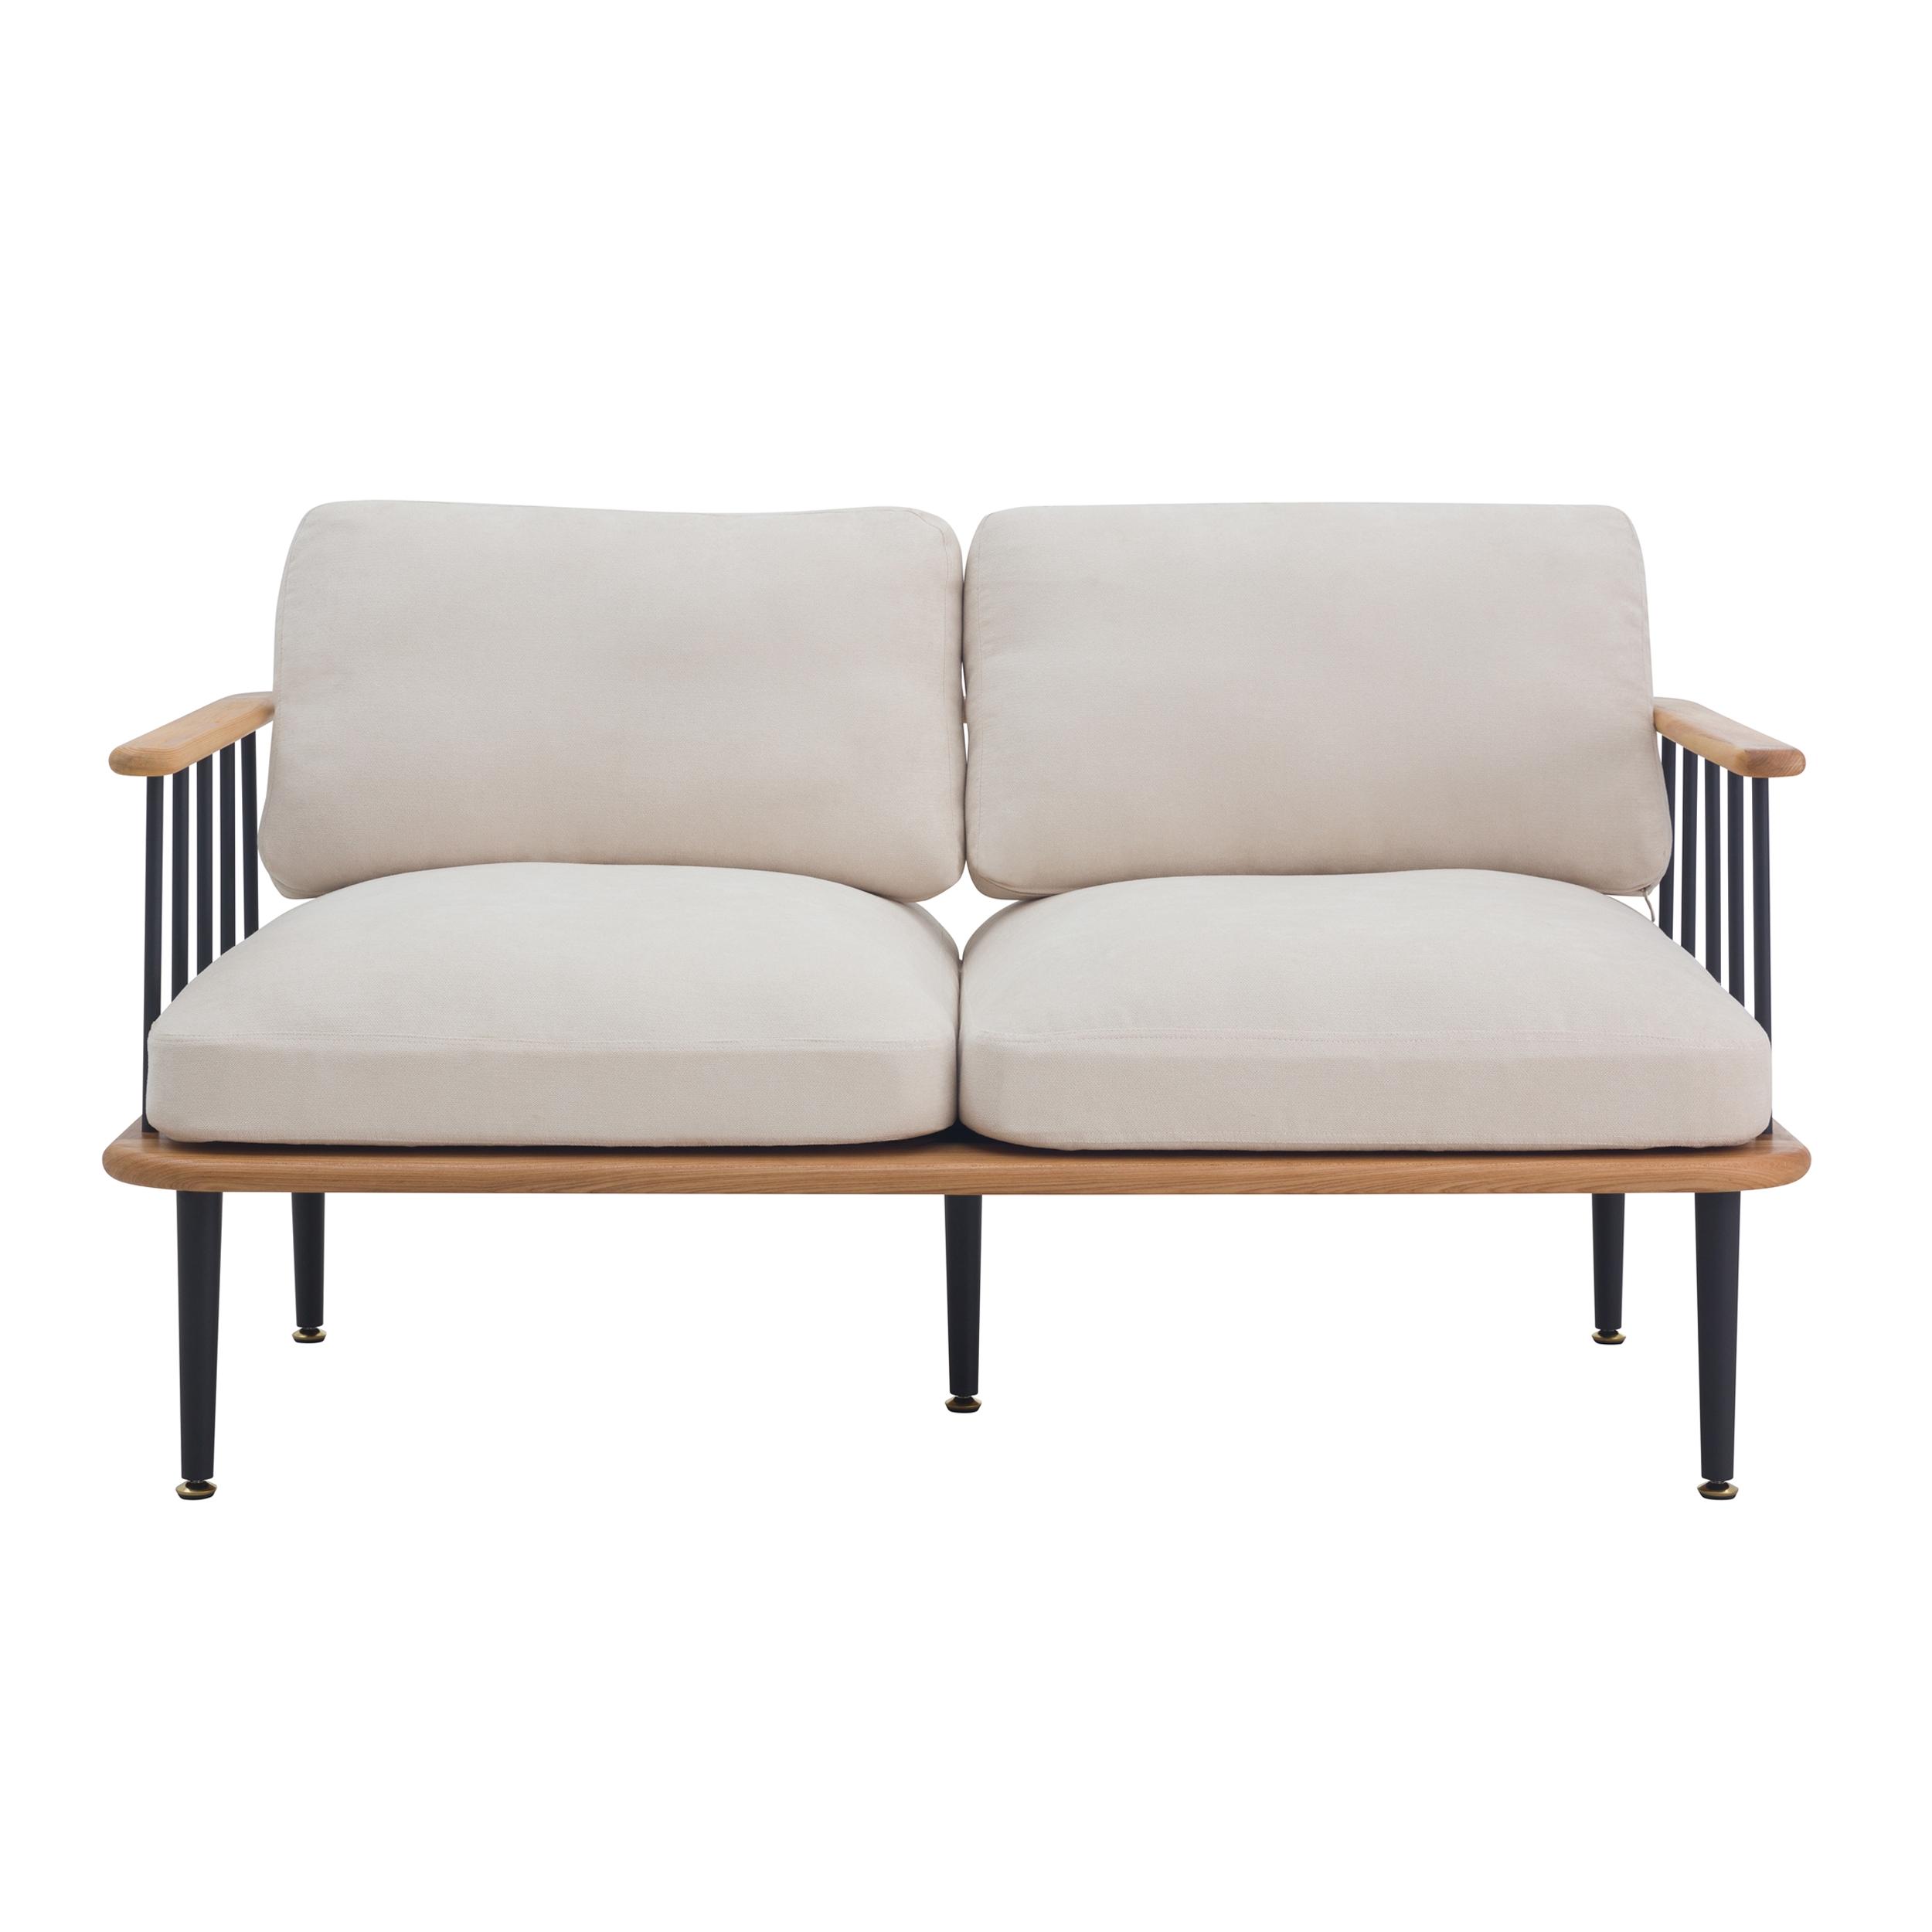 Canapé 2 places en bois d'orme, tissu beige et métal noir